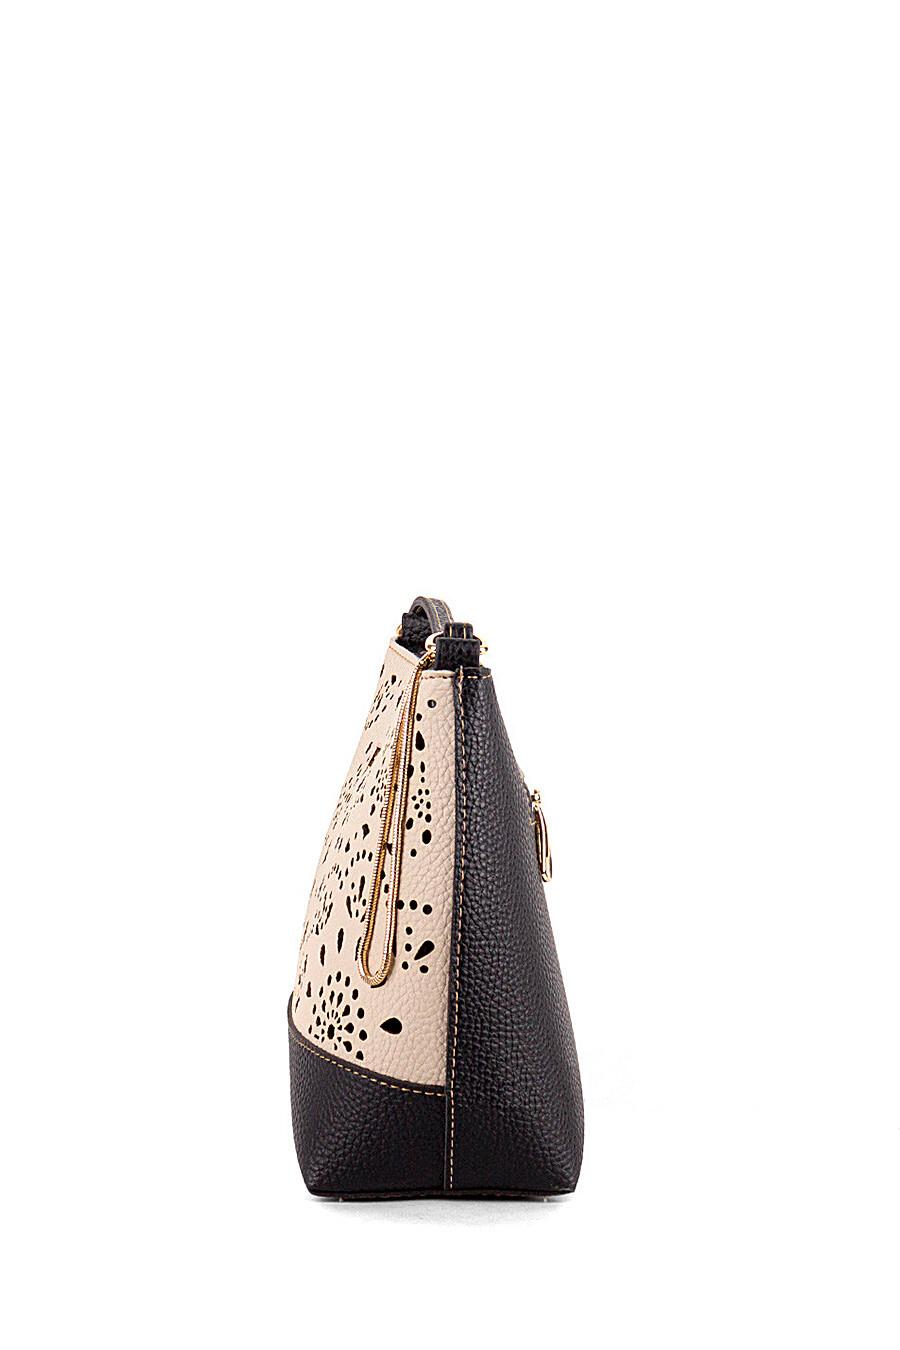 Сумка для женщин L-CRAFT 668231 купить оптом от производителя. Совместная покупка женской одежды в OptMoyo